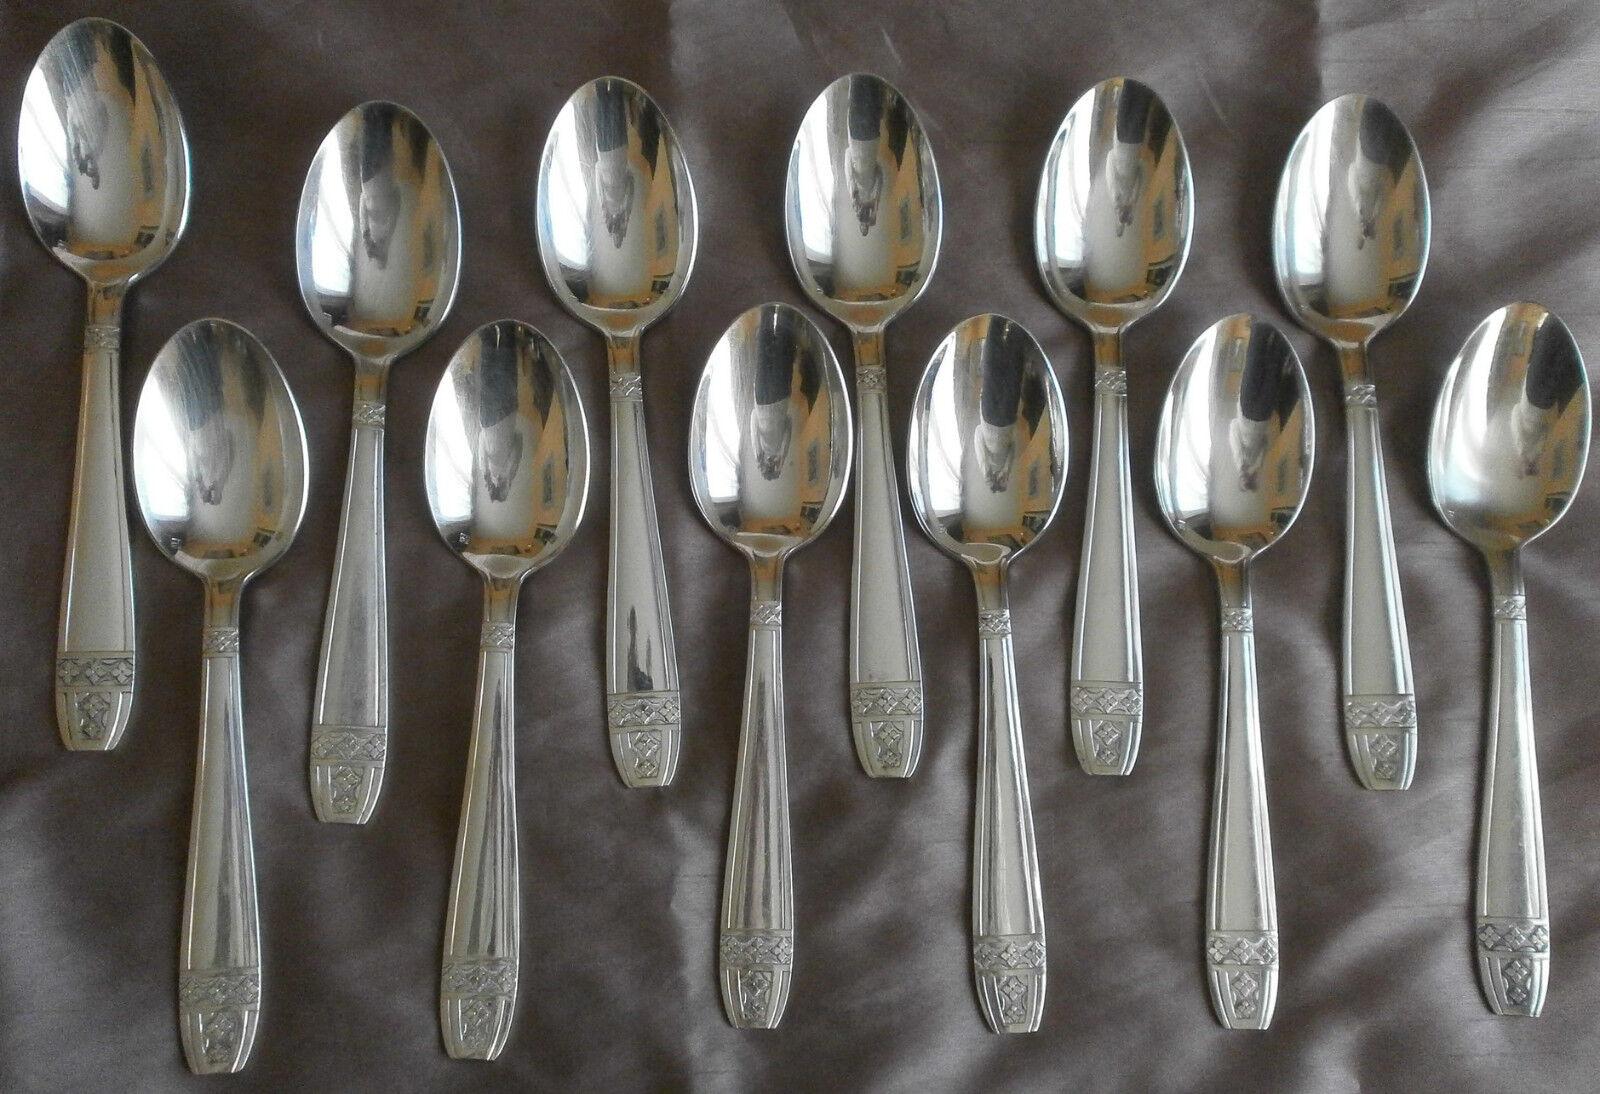 12 Cuillères à soupe en métal Silberé modèle   grand prix   style art déco